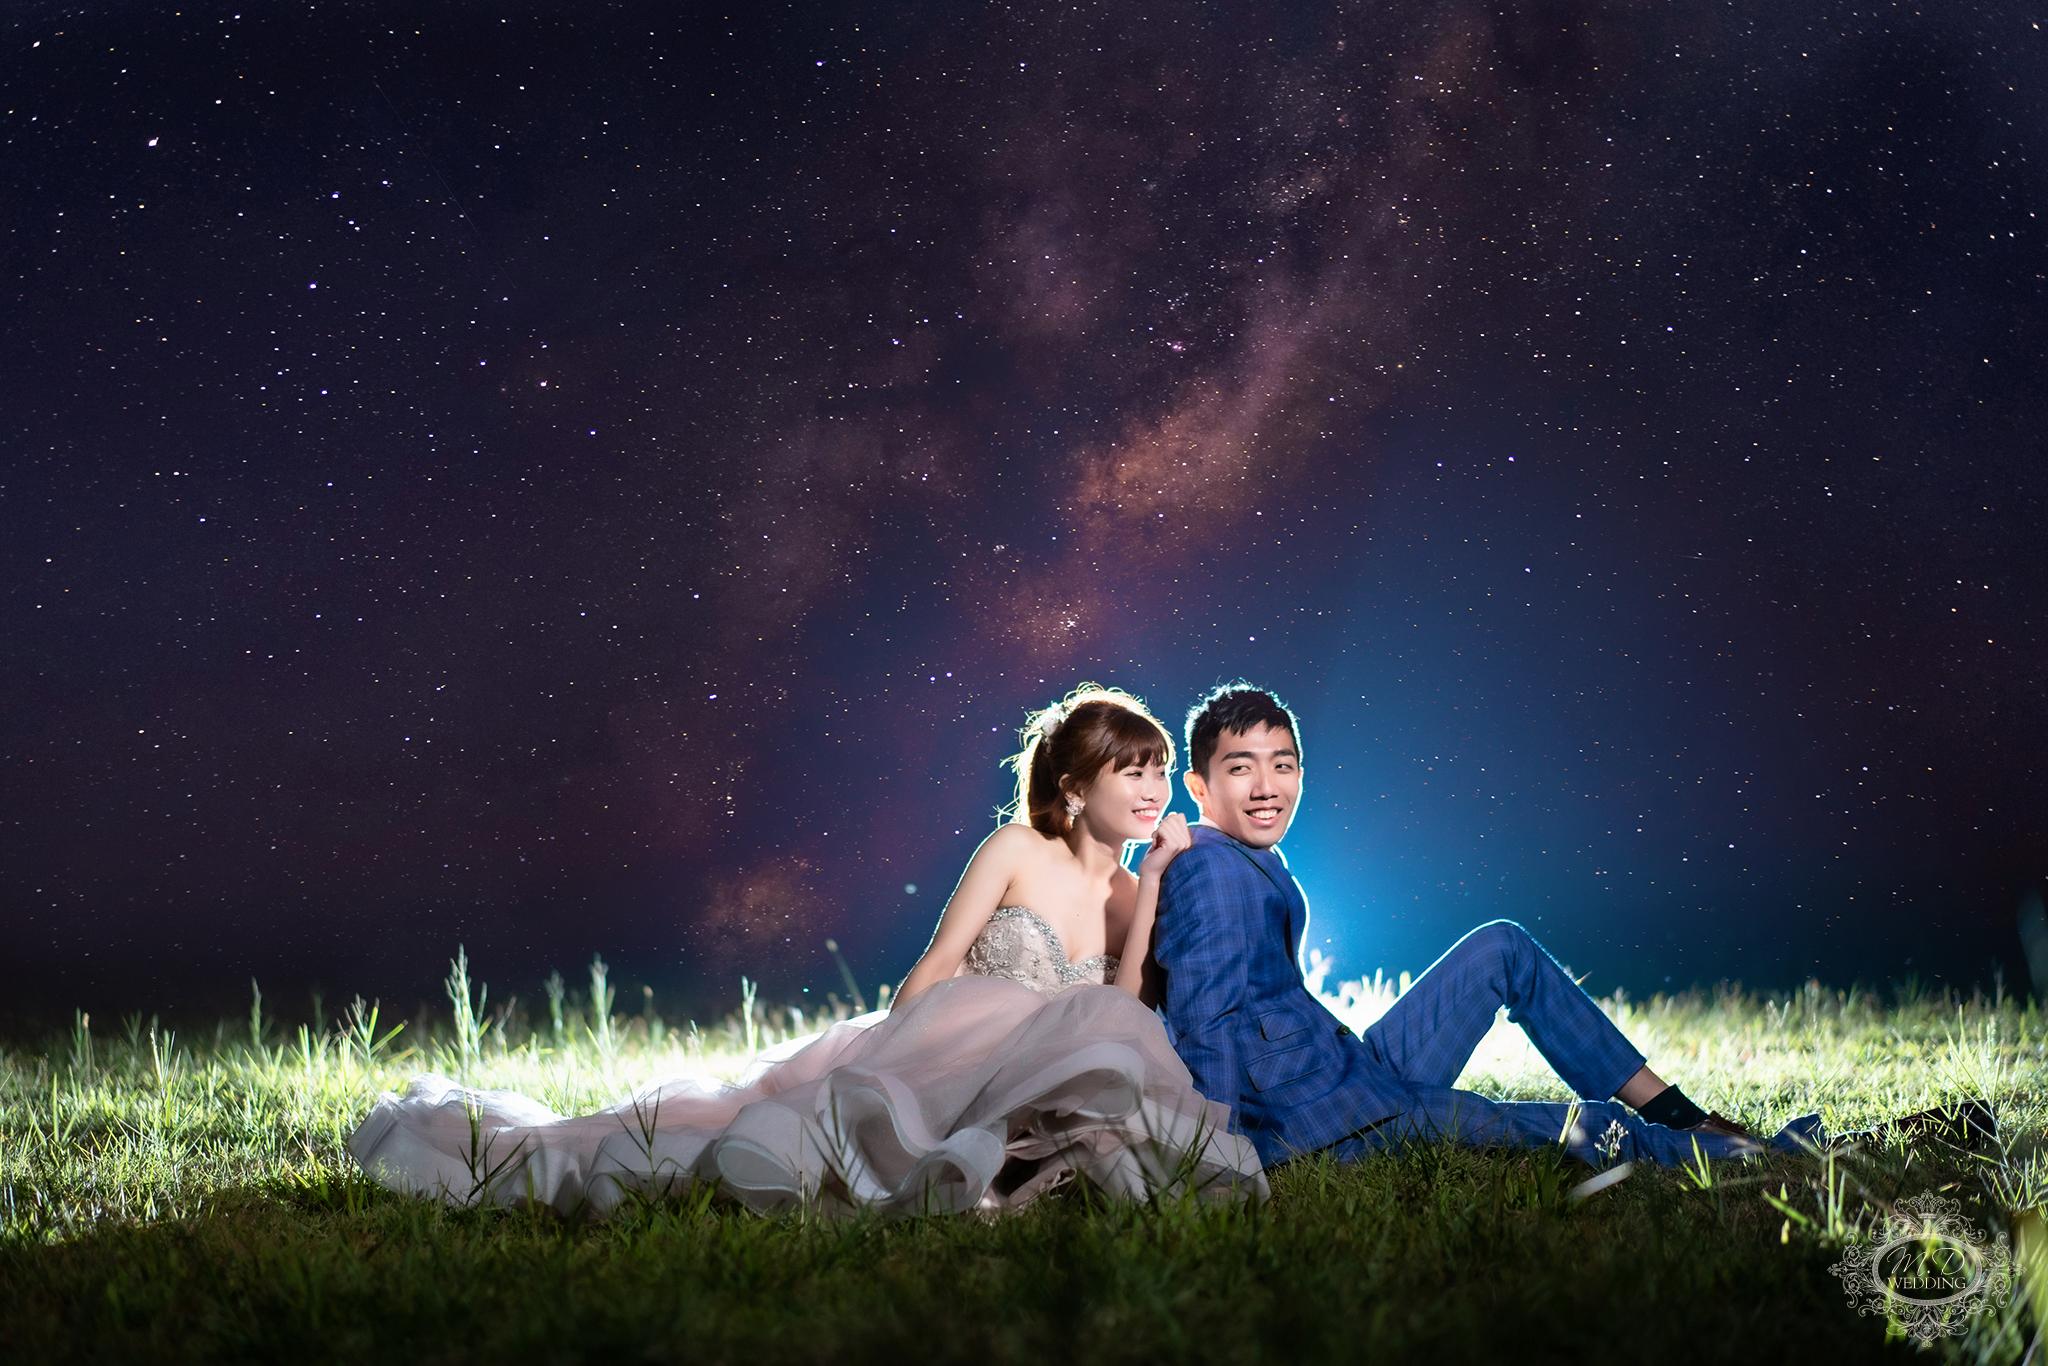 星空婚紗 台北婚紗推薦 浪漫風格